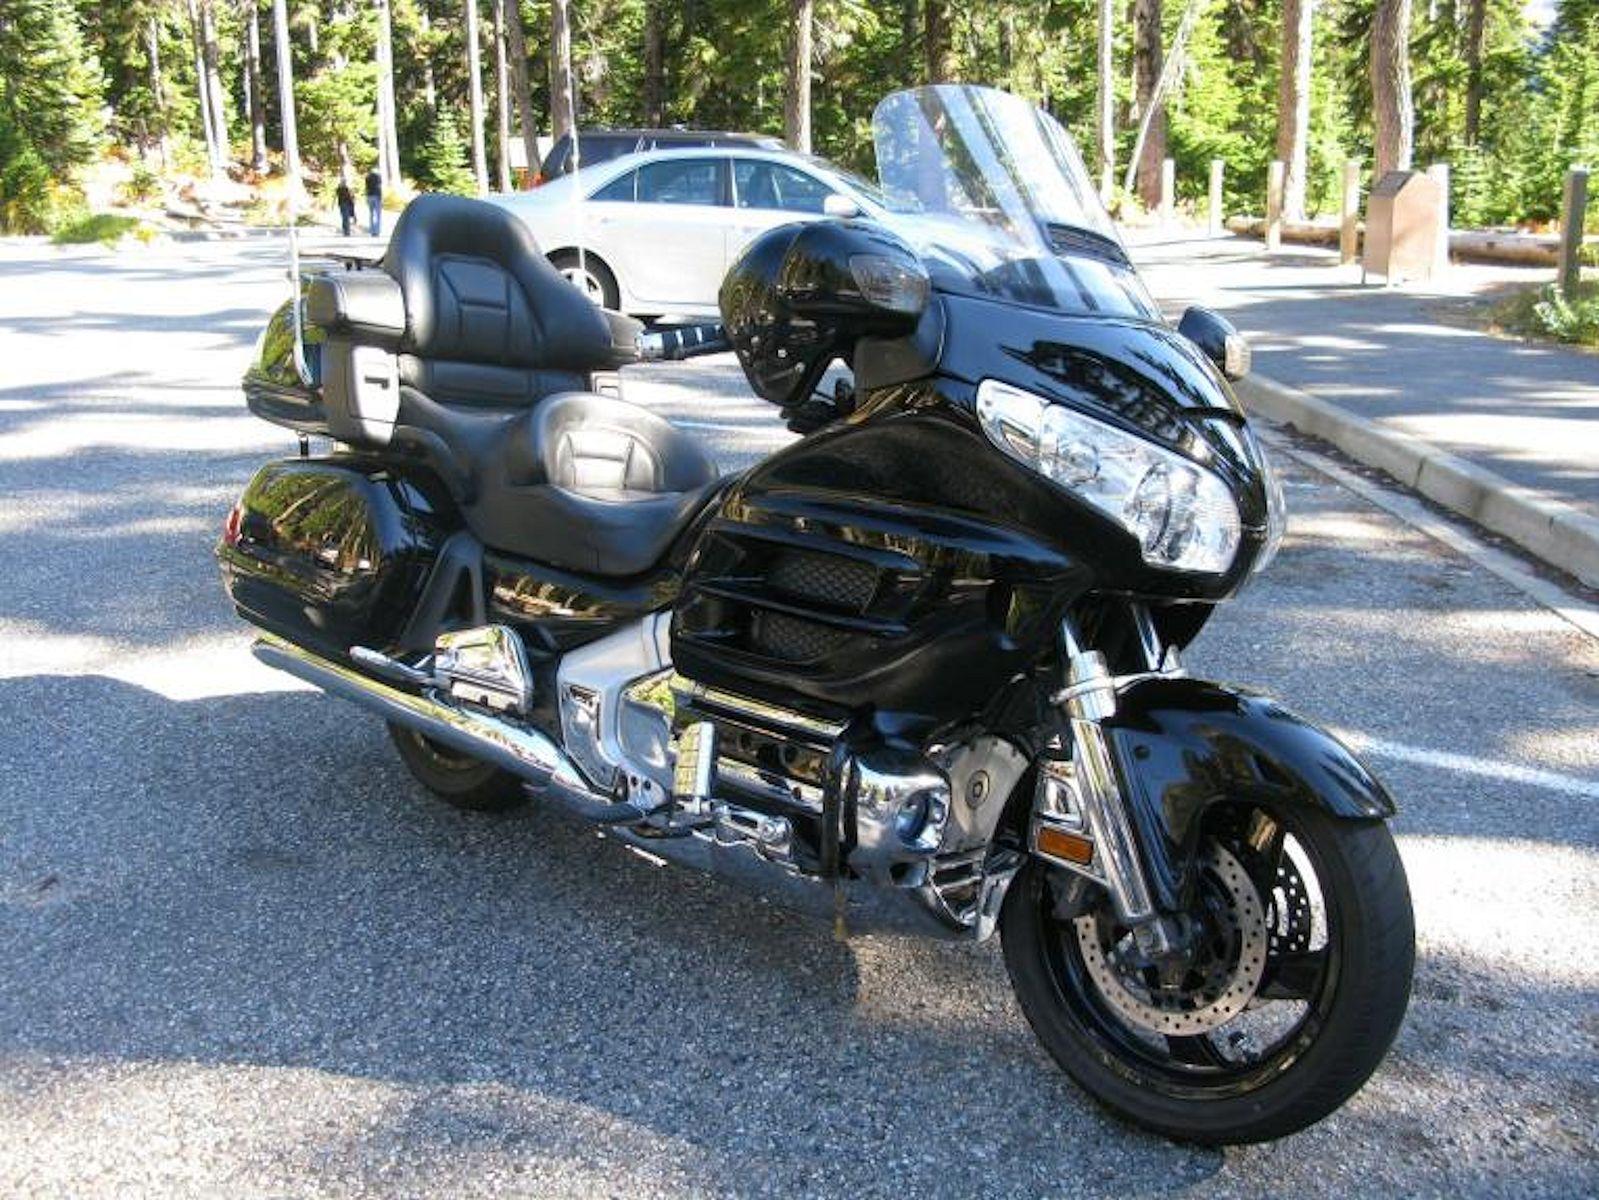 Black Touring Motorcycle